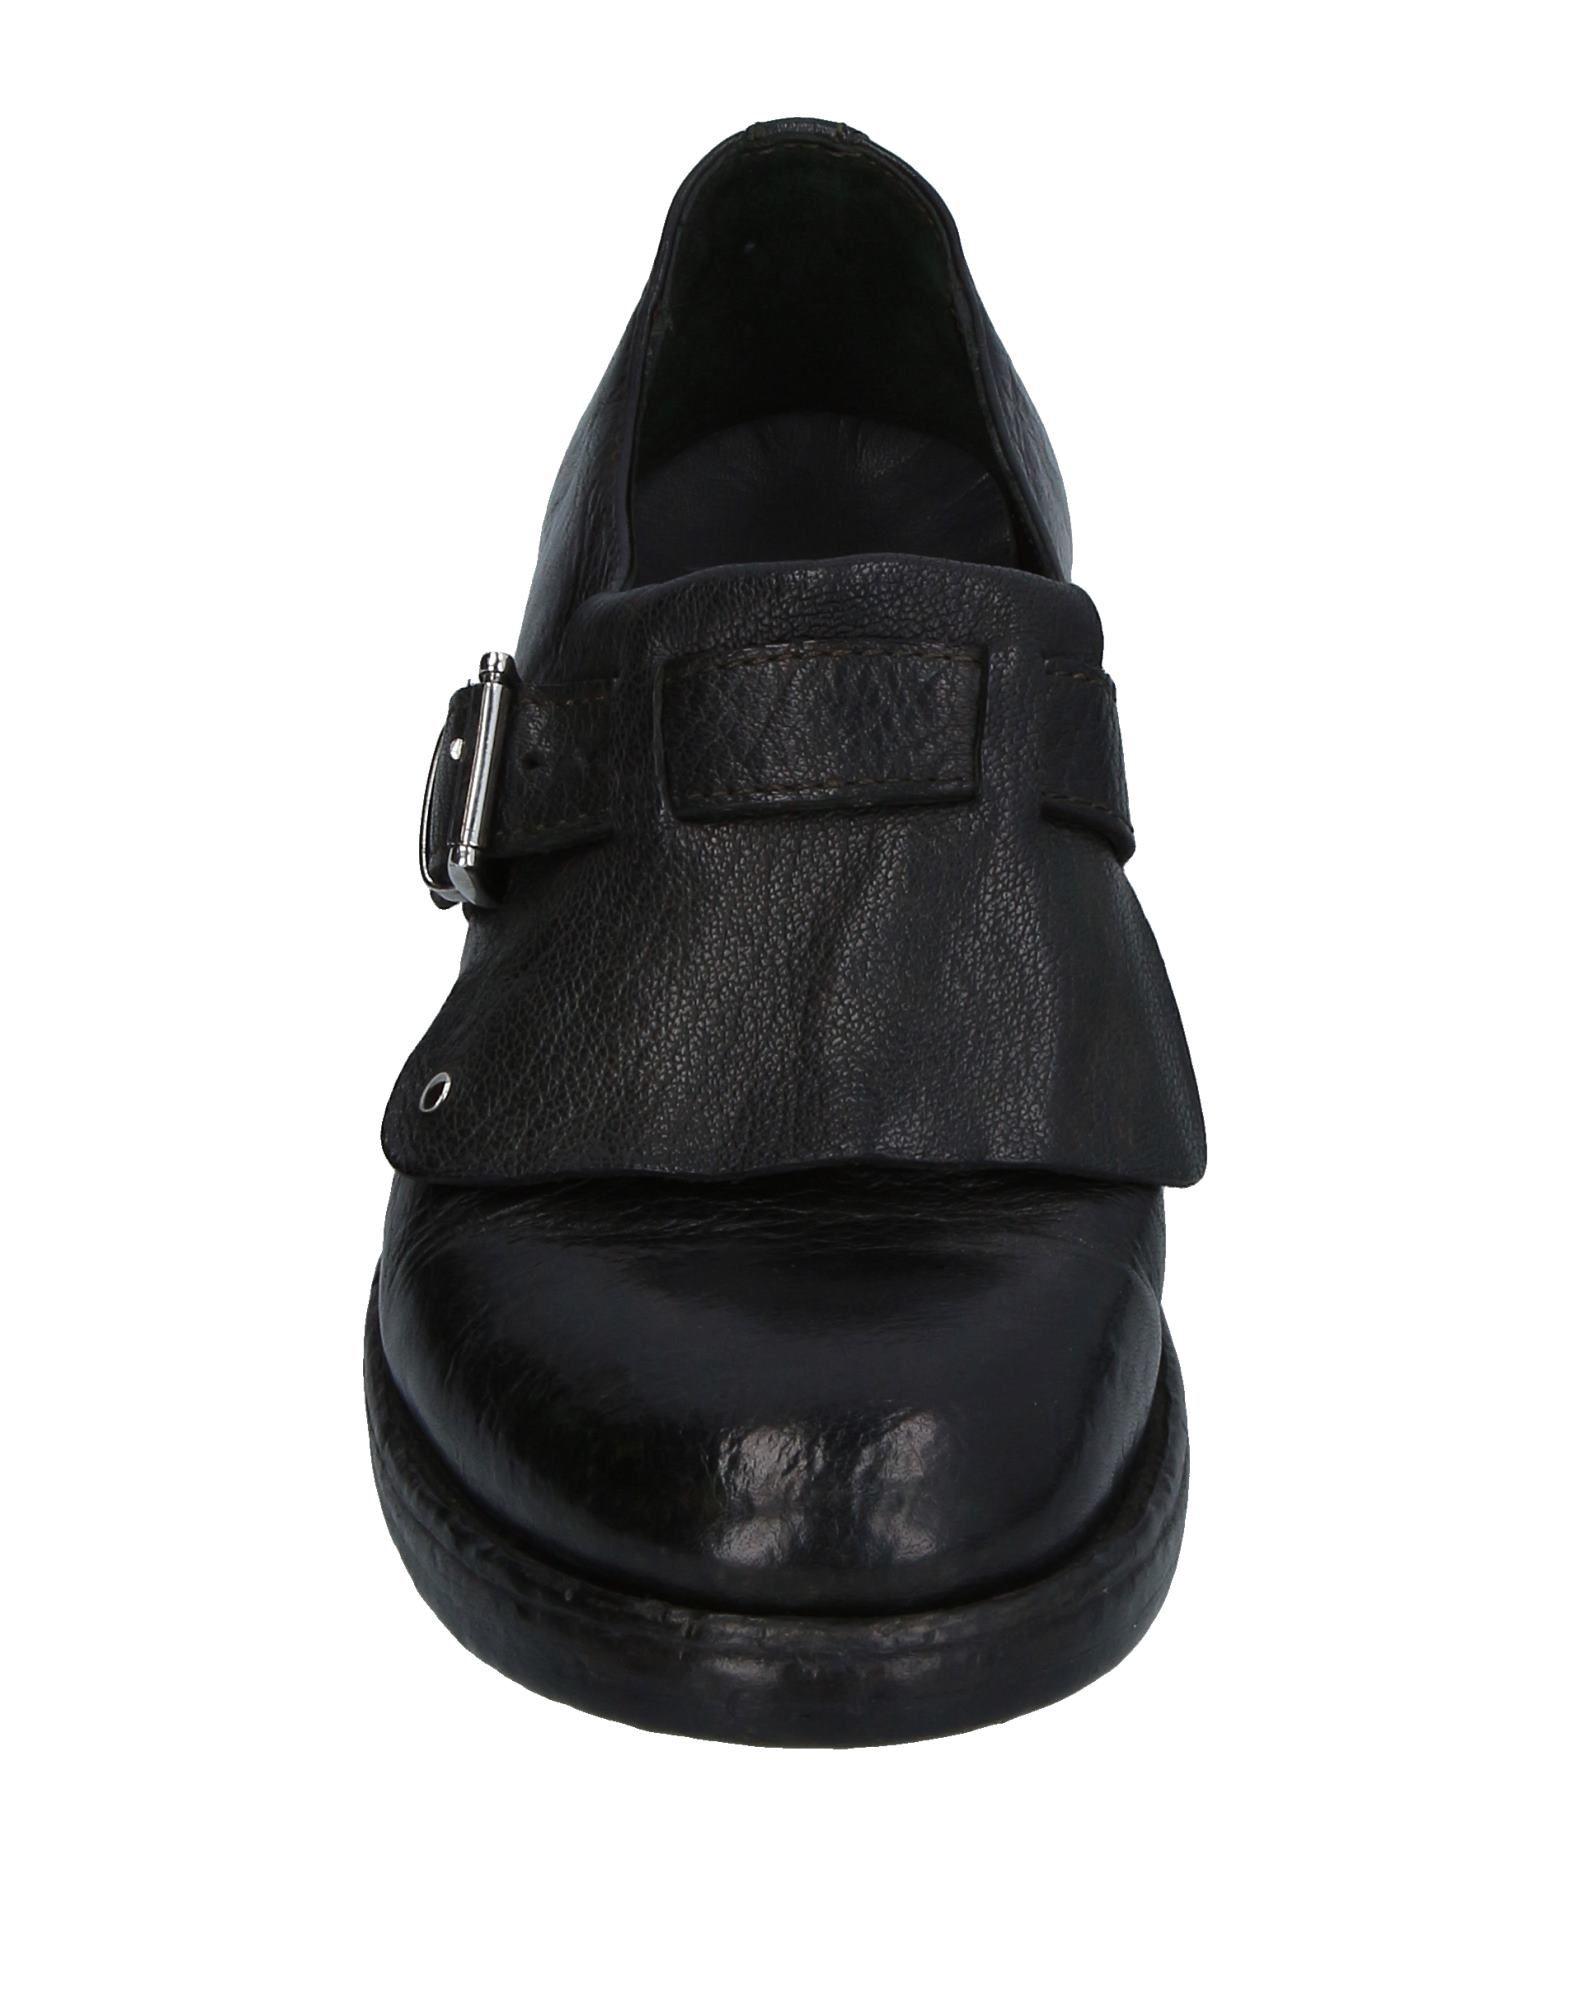 ouvrir des souliers fermés des des des mocassins - femmes ouvre des souliers fermés des mocassins en ligne le royaume - uni - 11275646px 08be97